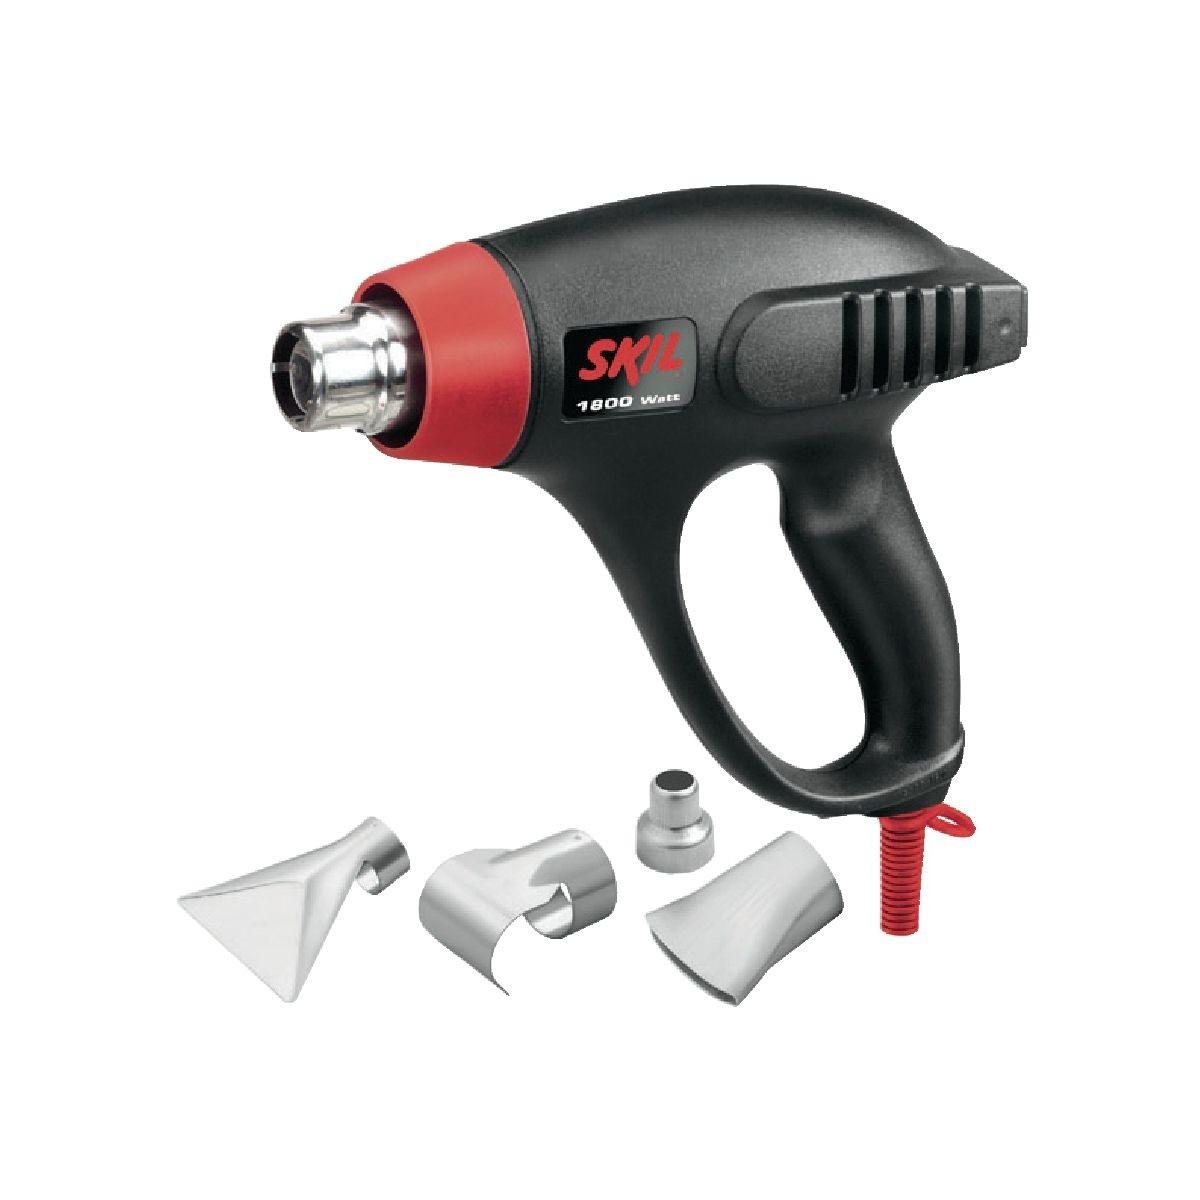 En soldes les petits plus de ce d capeur thermique 8003 dc de la marque skil un outil - Decapeur thermique sans fil ...